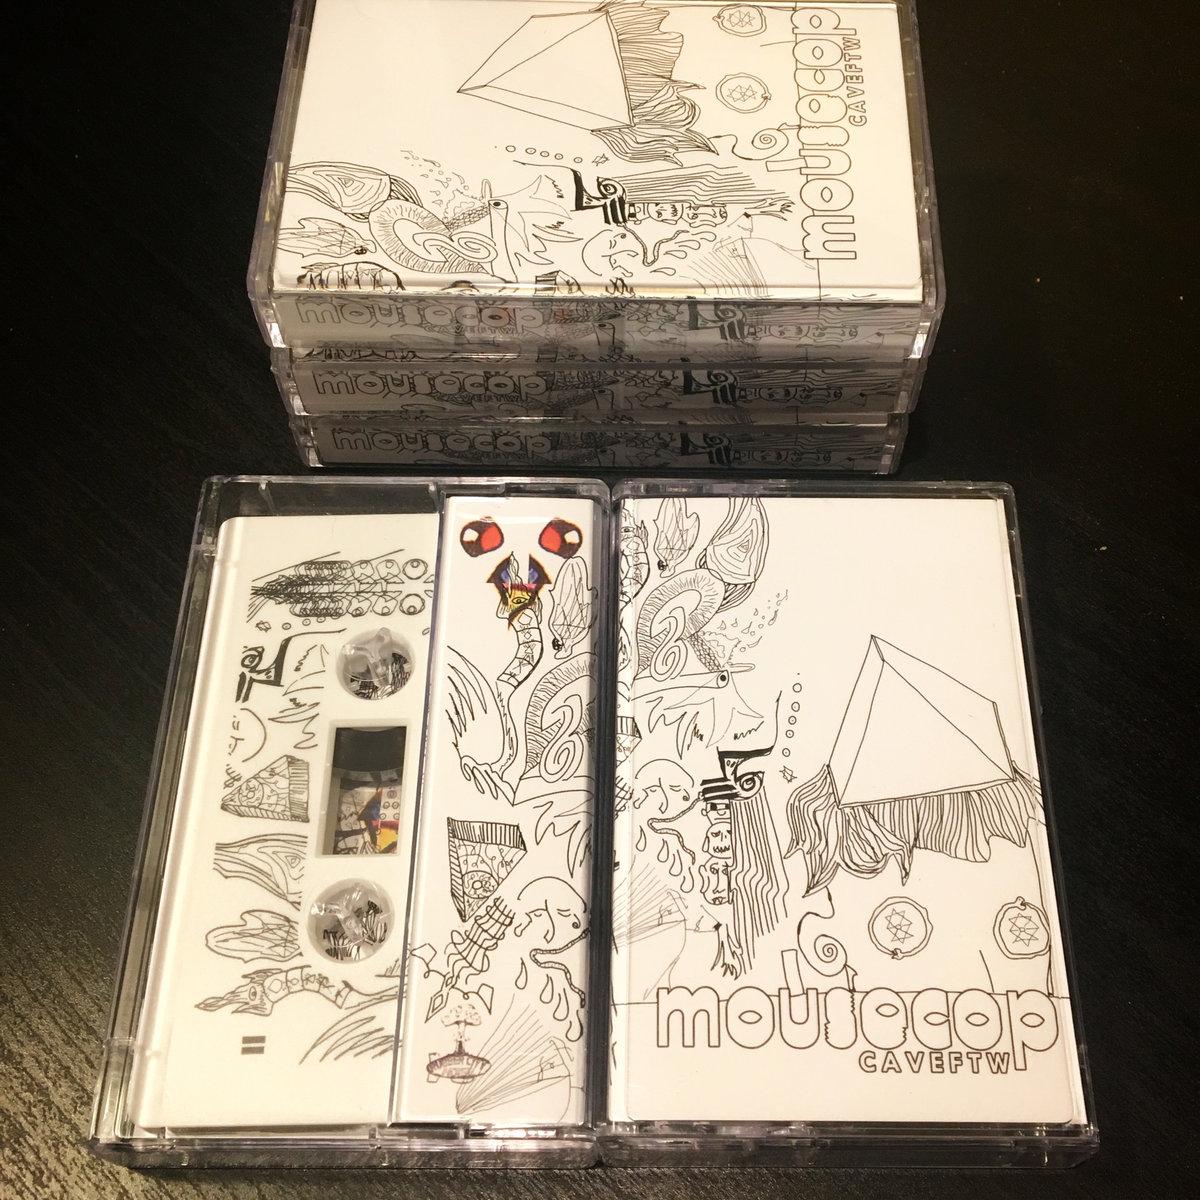 Mousecop CAVEFTW Cassette